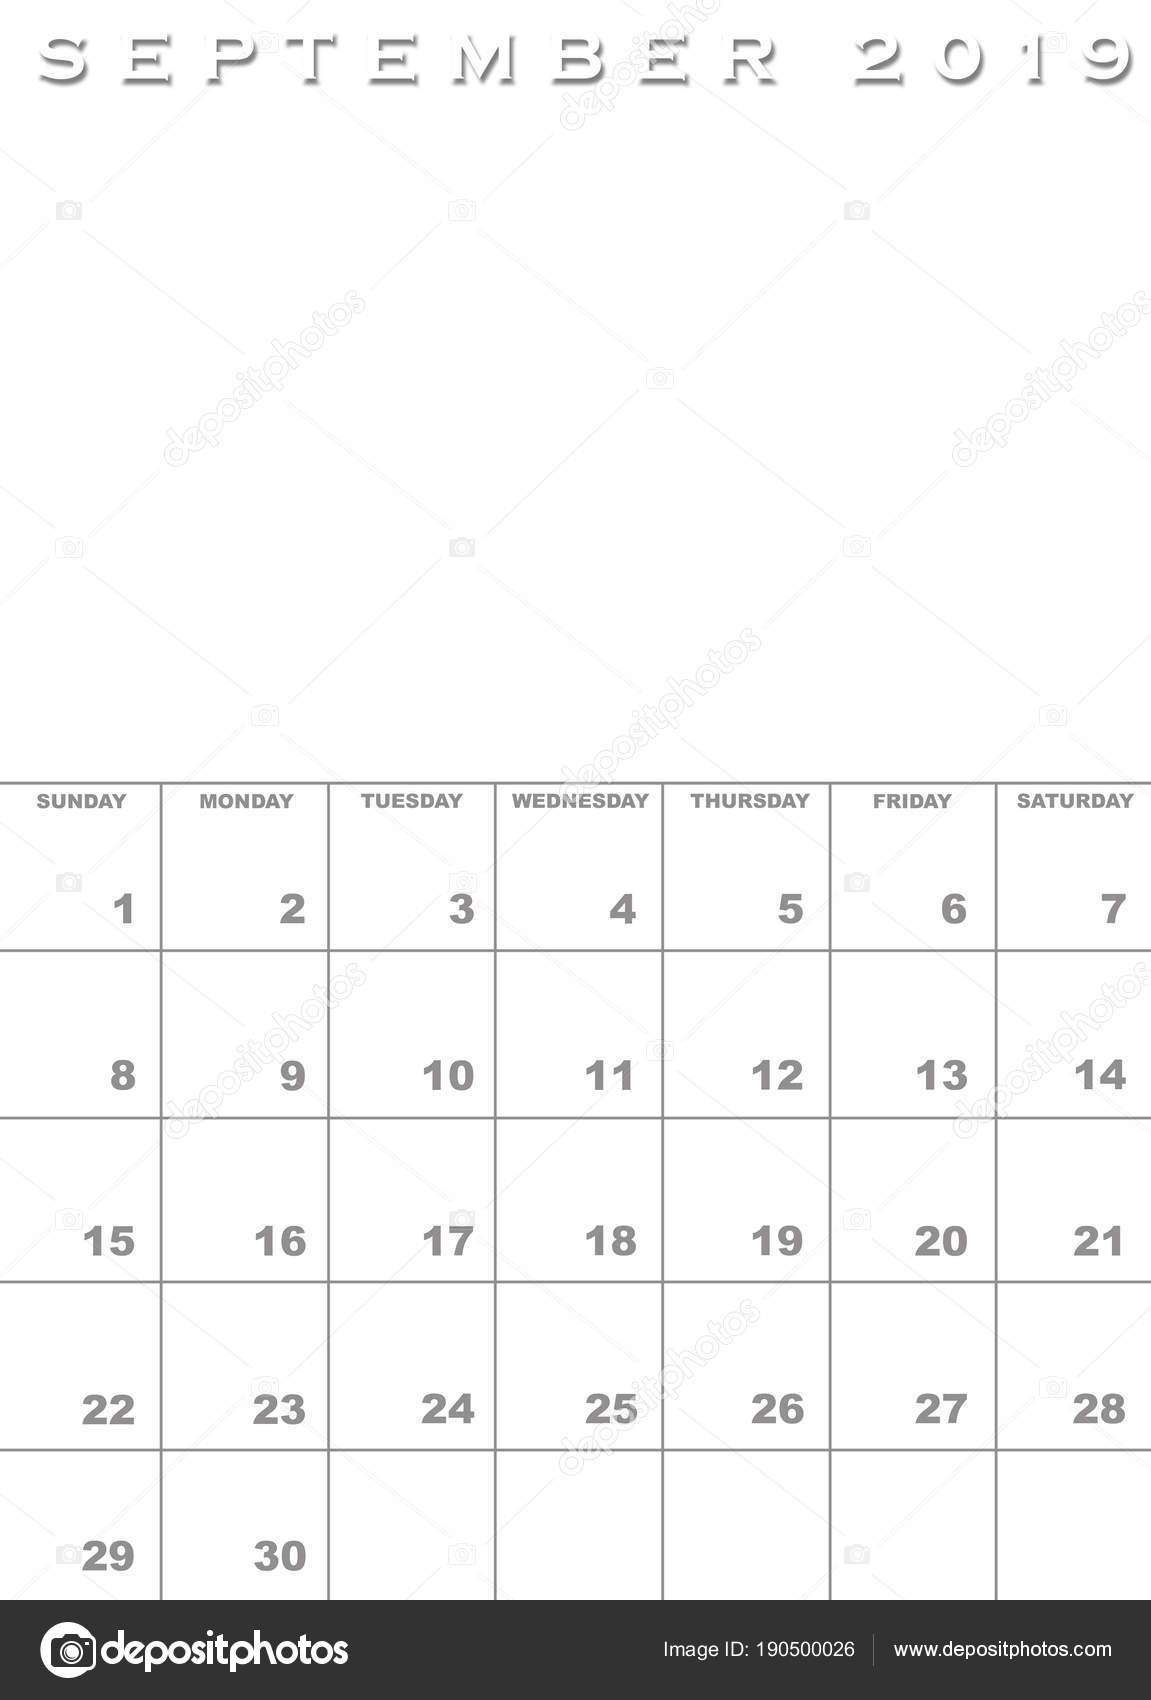 üres naptár sablon 2019 Szeptember 2019 Naptár sablon — Stock Fotó © paulvinten #190500026 üres naptár sablon 2019